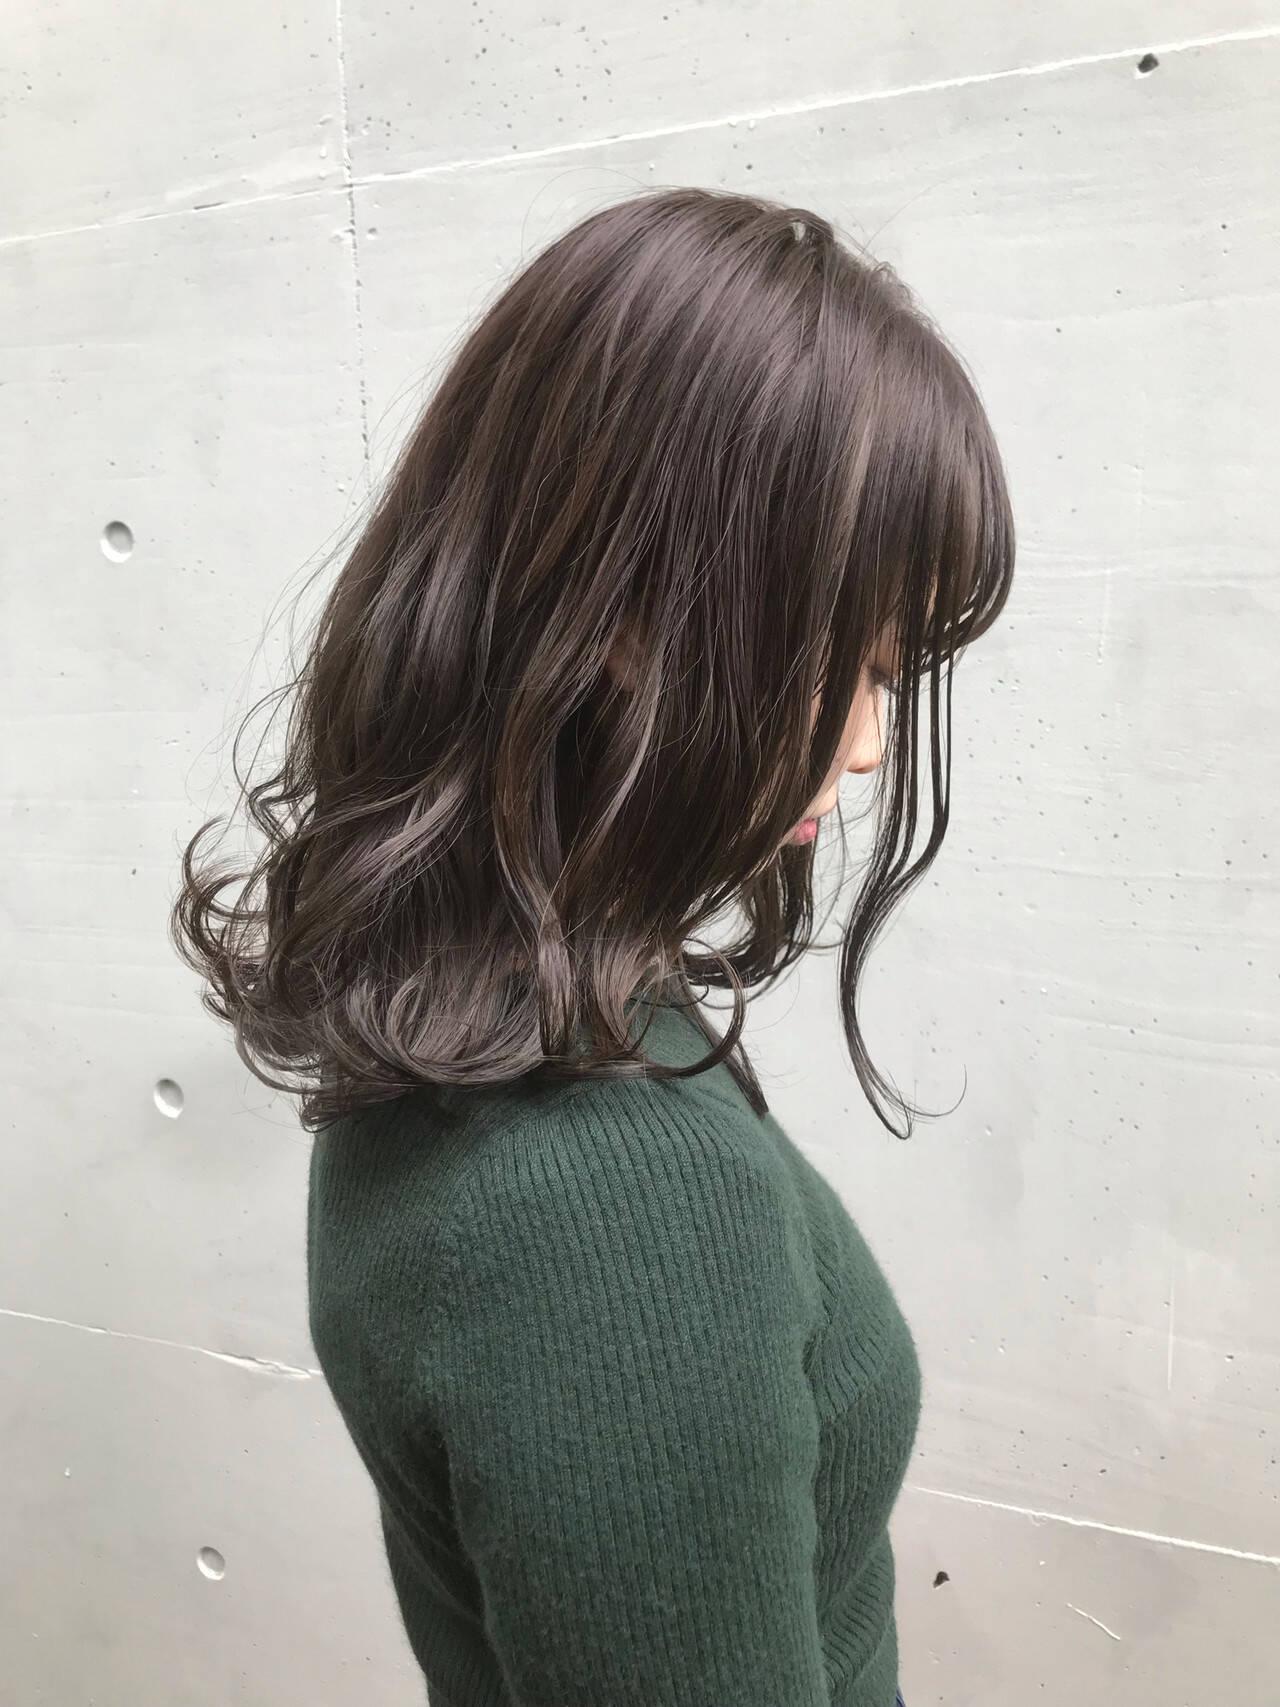 ラベンダーアッシュ セミロング ラベンダー ラベンダーグレージュヘアスタイルや髪型の写真・画像